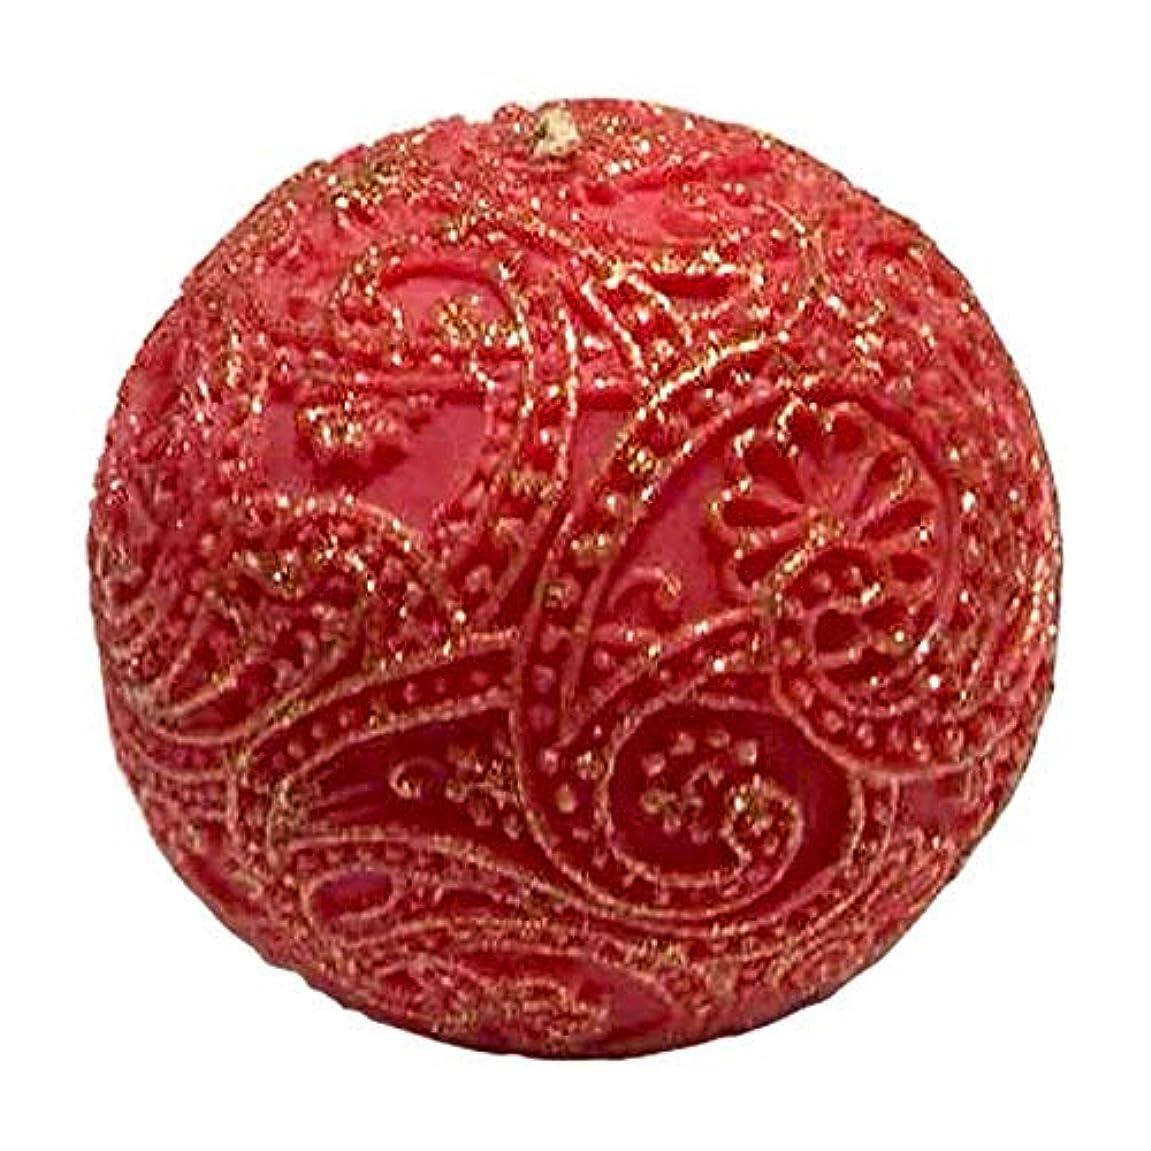 ペイズリー Globular Gliter (Red×Gold)